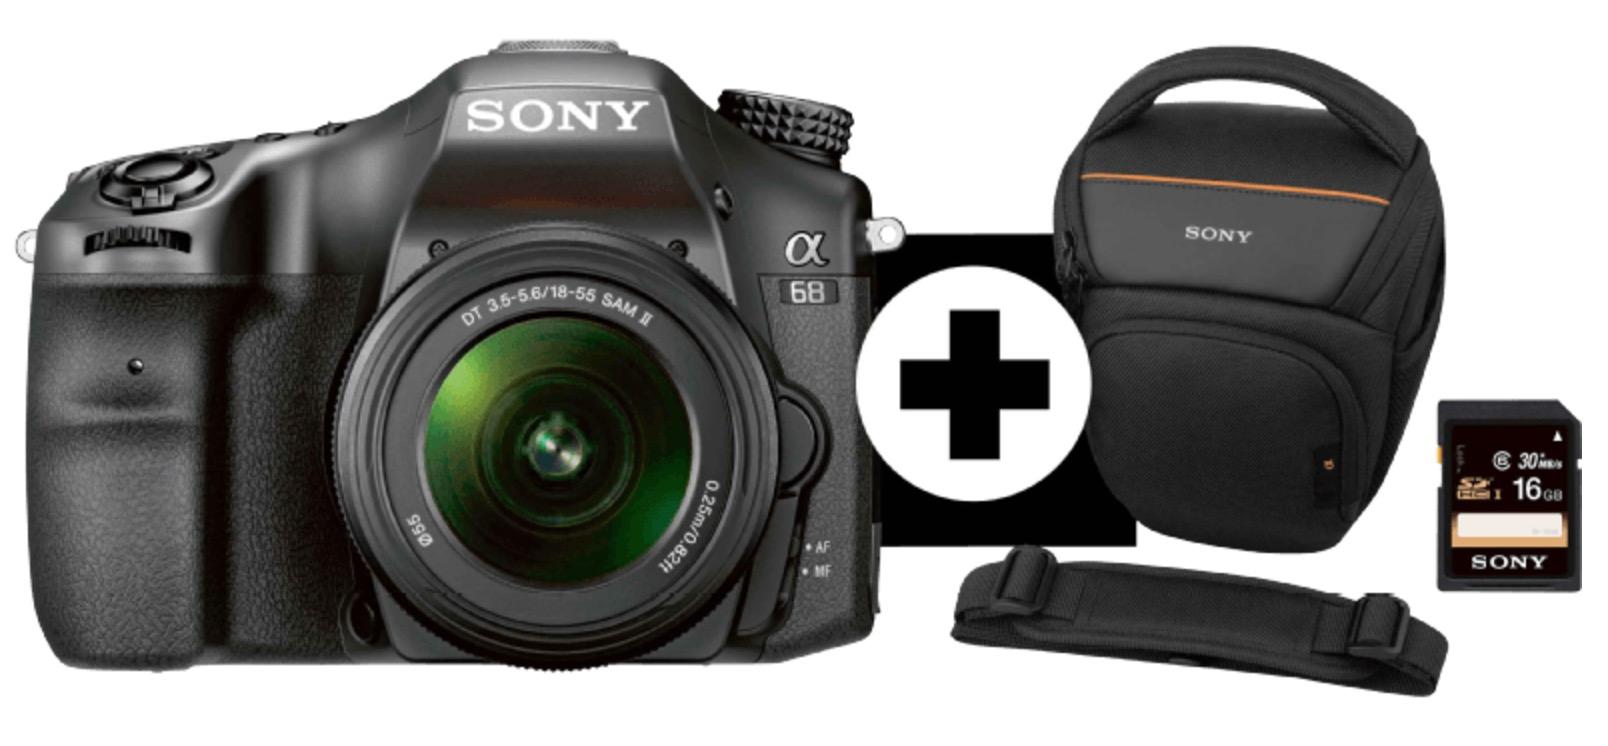 SONY ILCA-68 Spiegelreflexkamera mit Objektiv, Tasche + Speicherkarte & Tamron Telezoom Objektiv für nur 555,- Euro